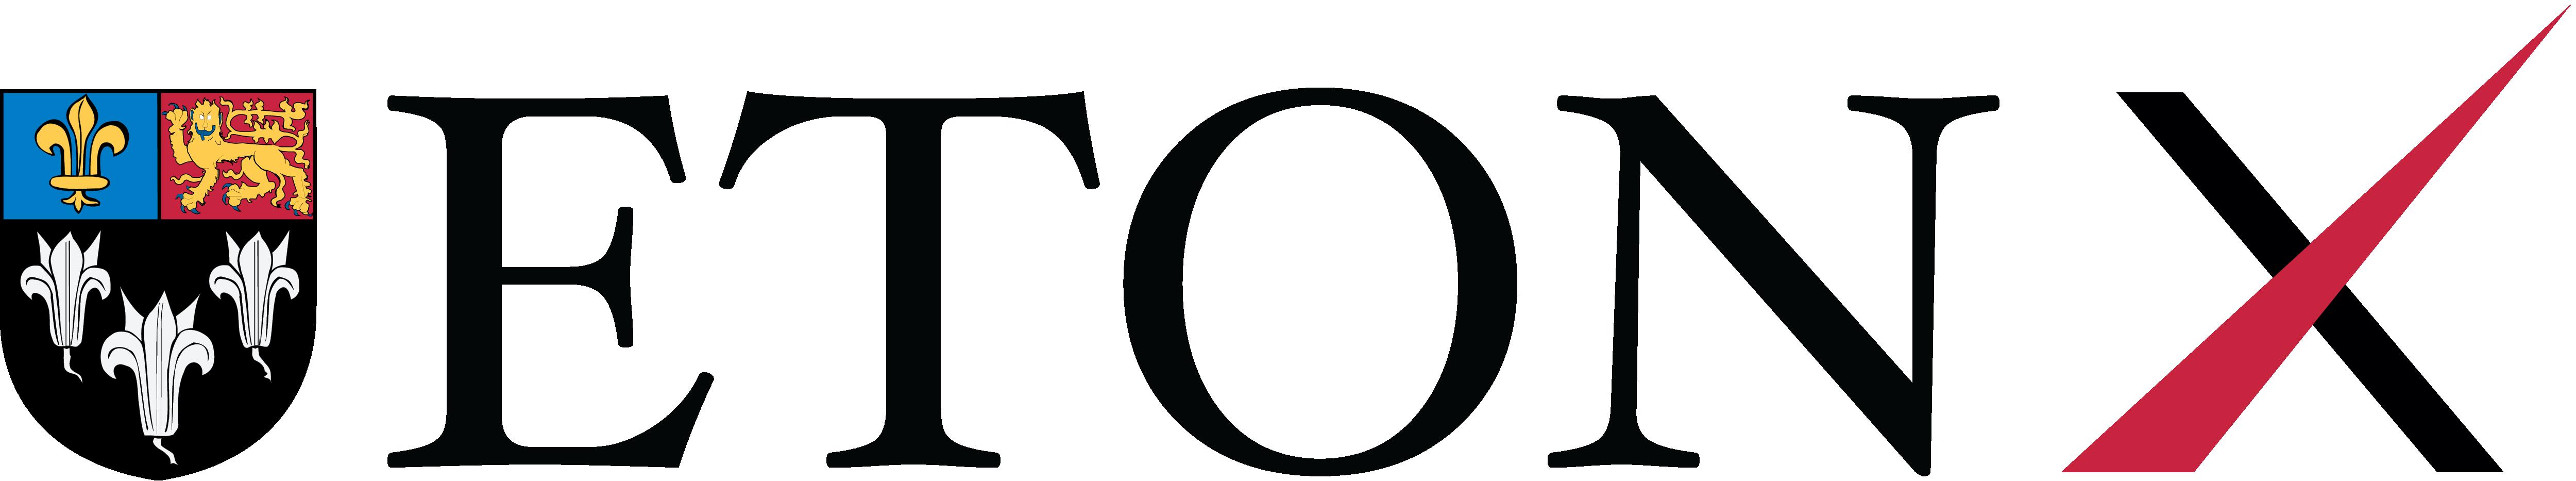 ETONX logo